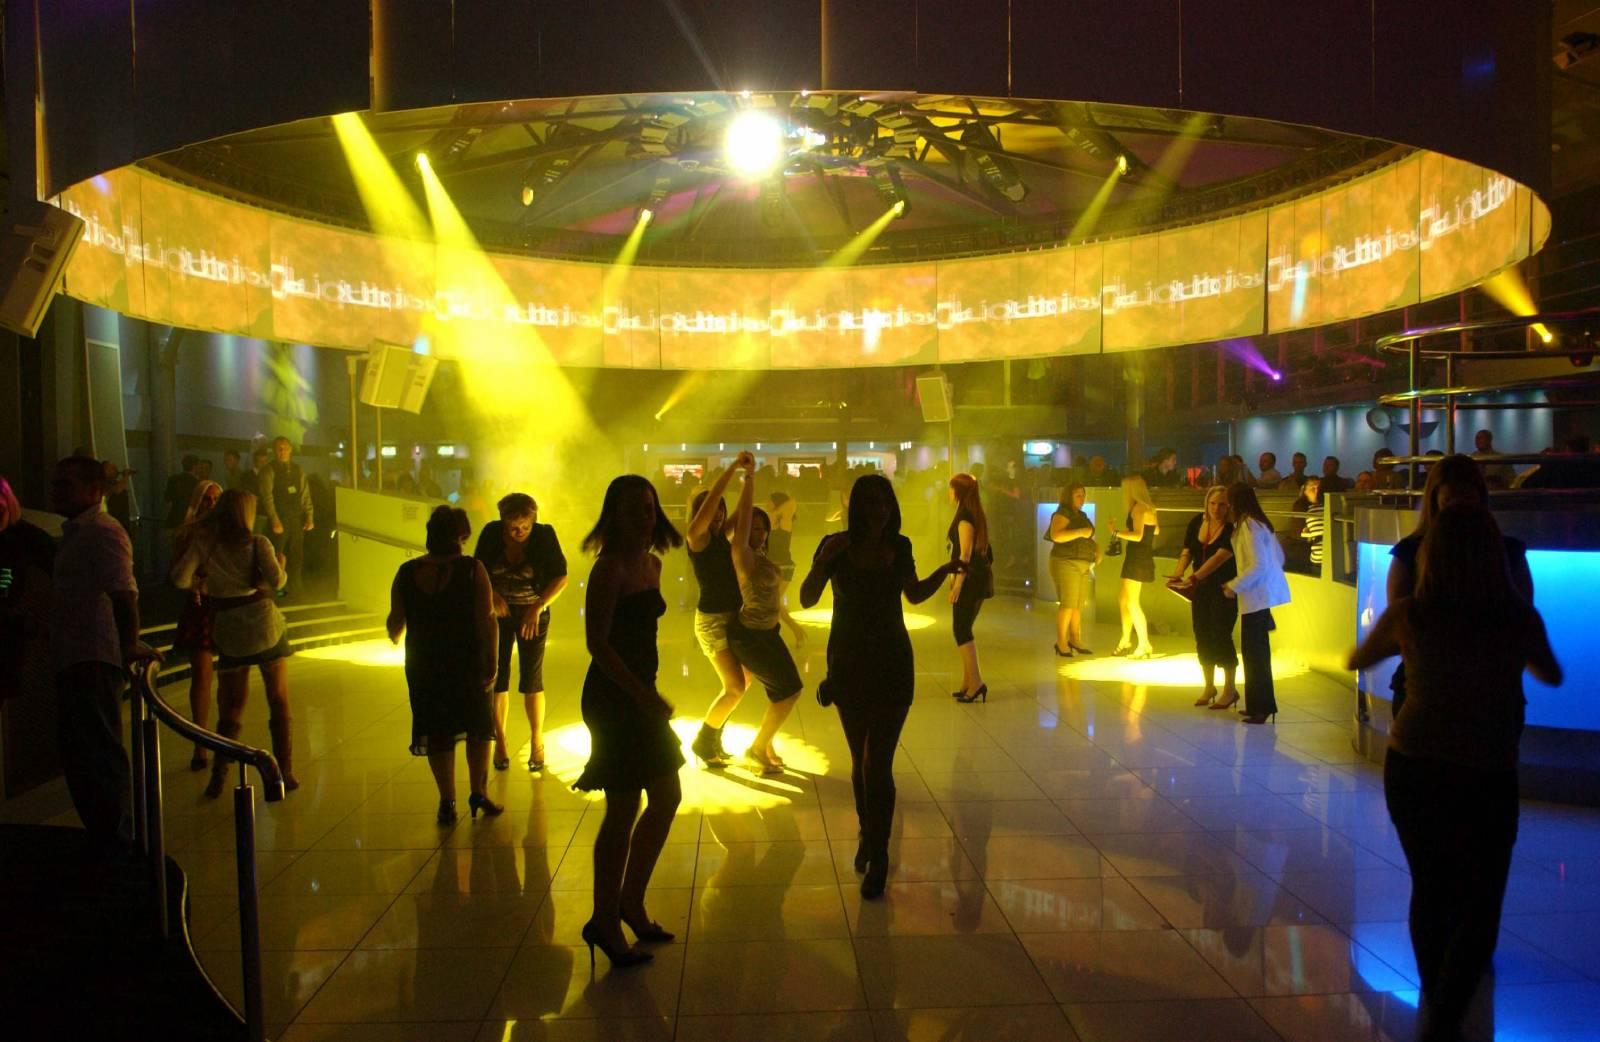 Смотреть онлайн что происходит в ночных клубах 24 фотография